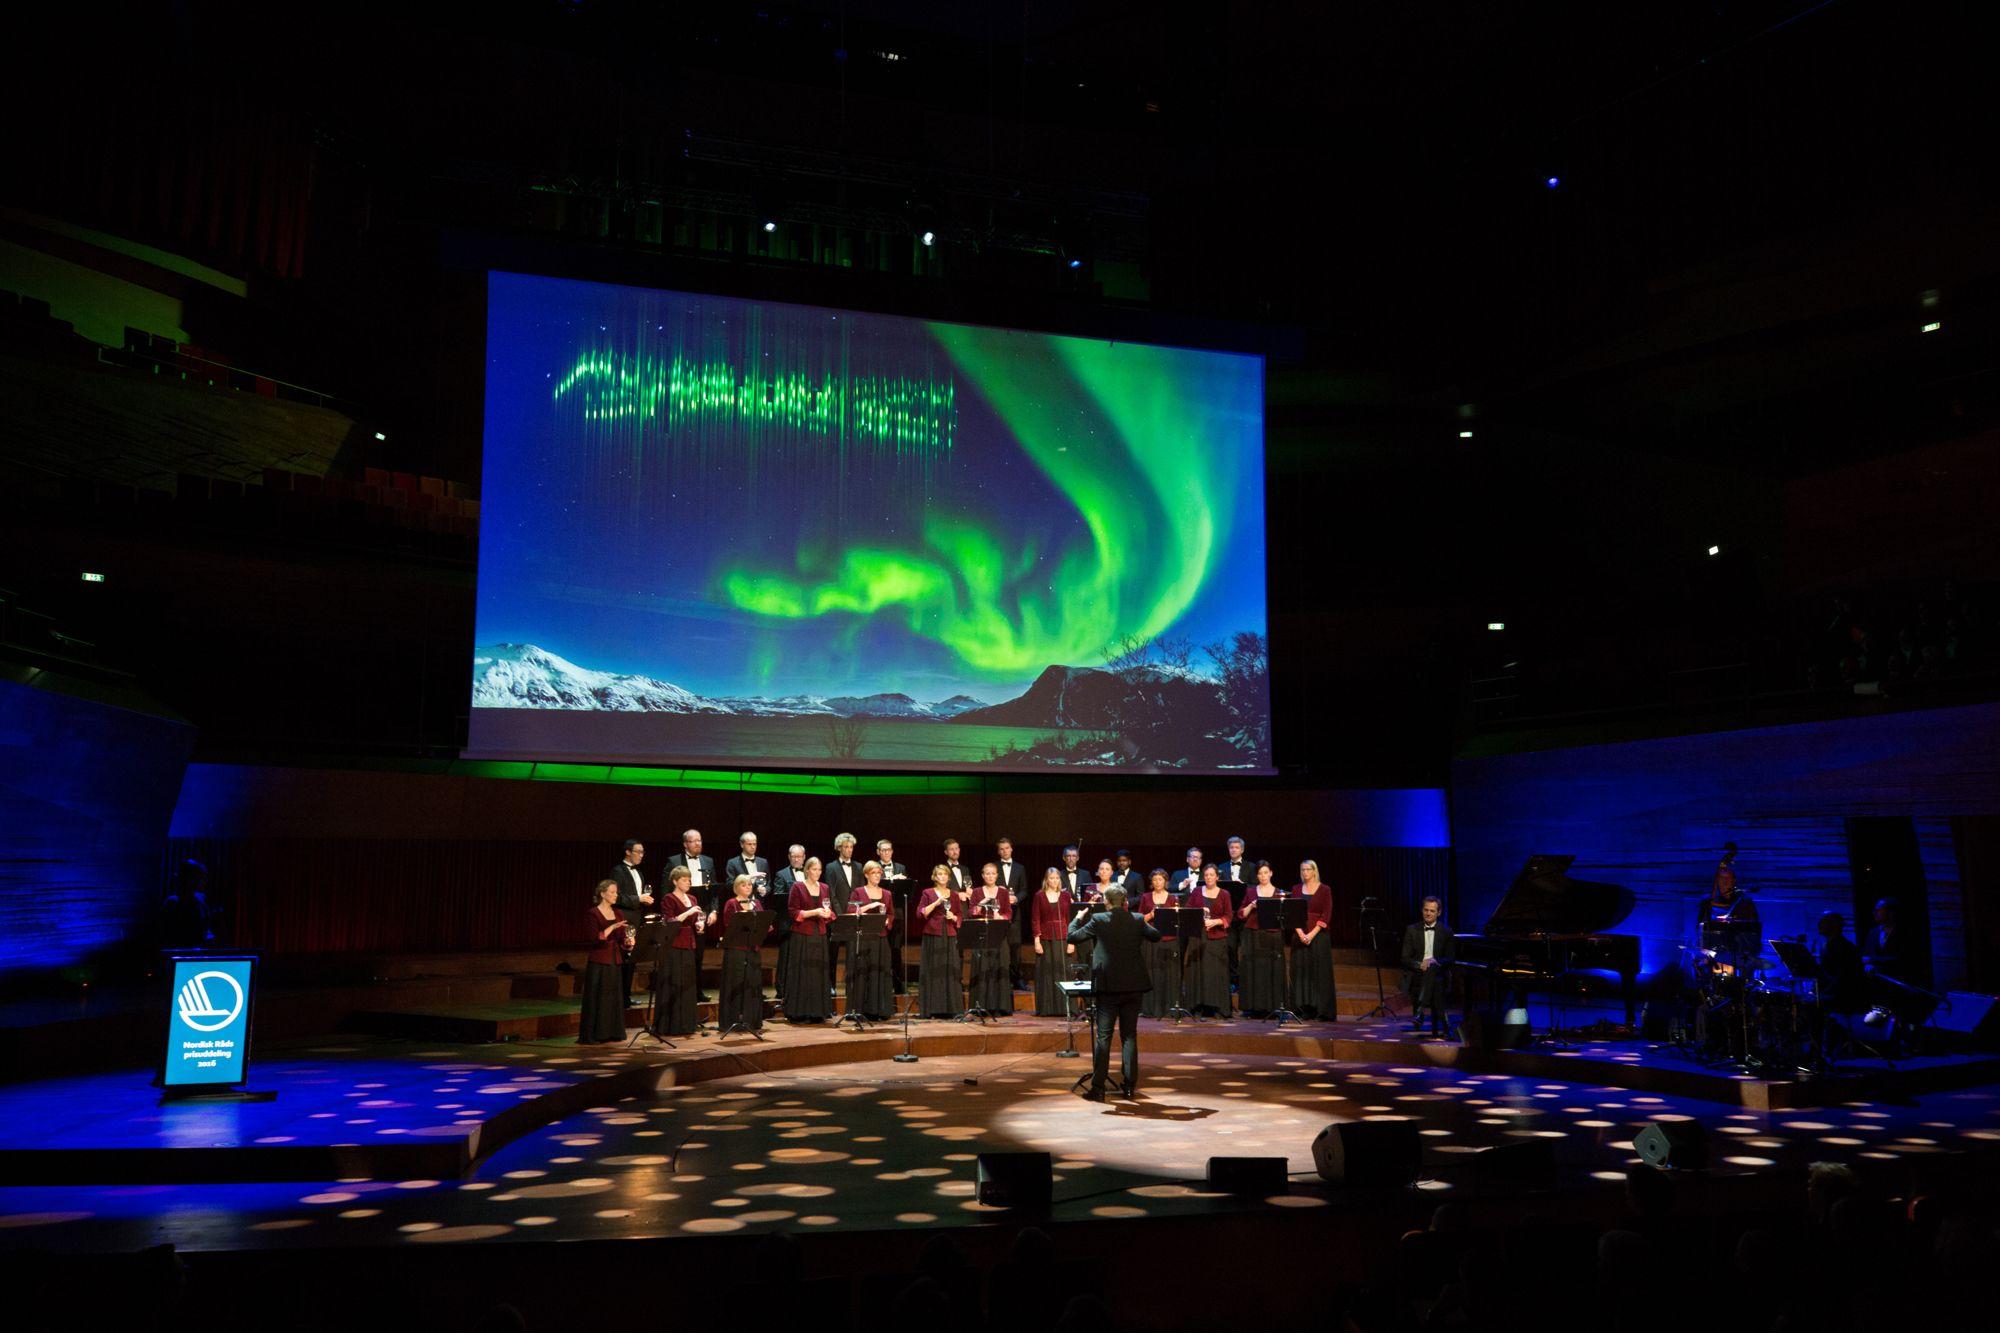 Afhending verðlauna Norðurlandaráðs í Kaupmannahöfn 2016. Mynd: Magnus Fröderberg/norden.org.